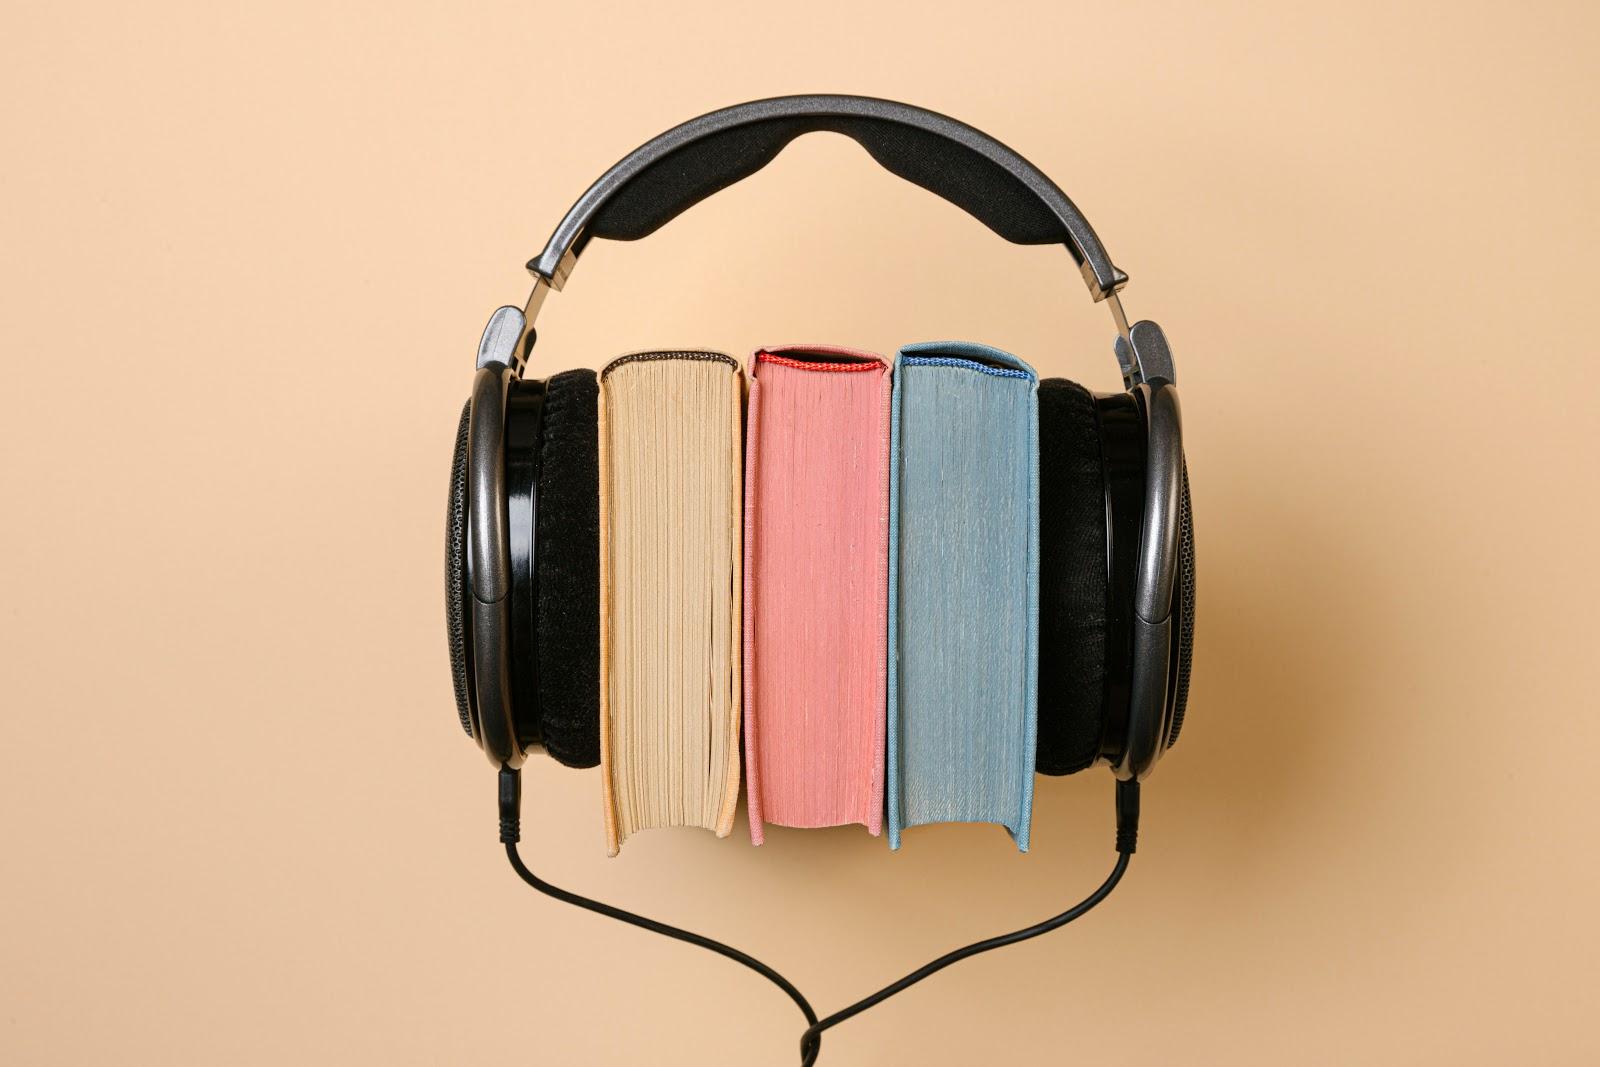 Aumente la audiencia de su podcast con estos 5 sencillos pasos - 3. Elija el arte de la cubierta del podcast correcto